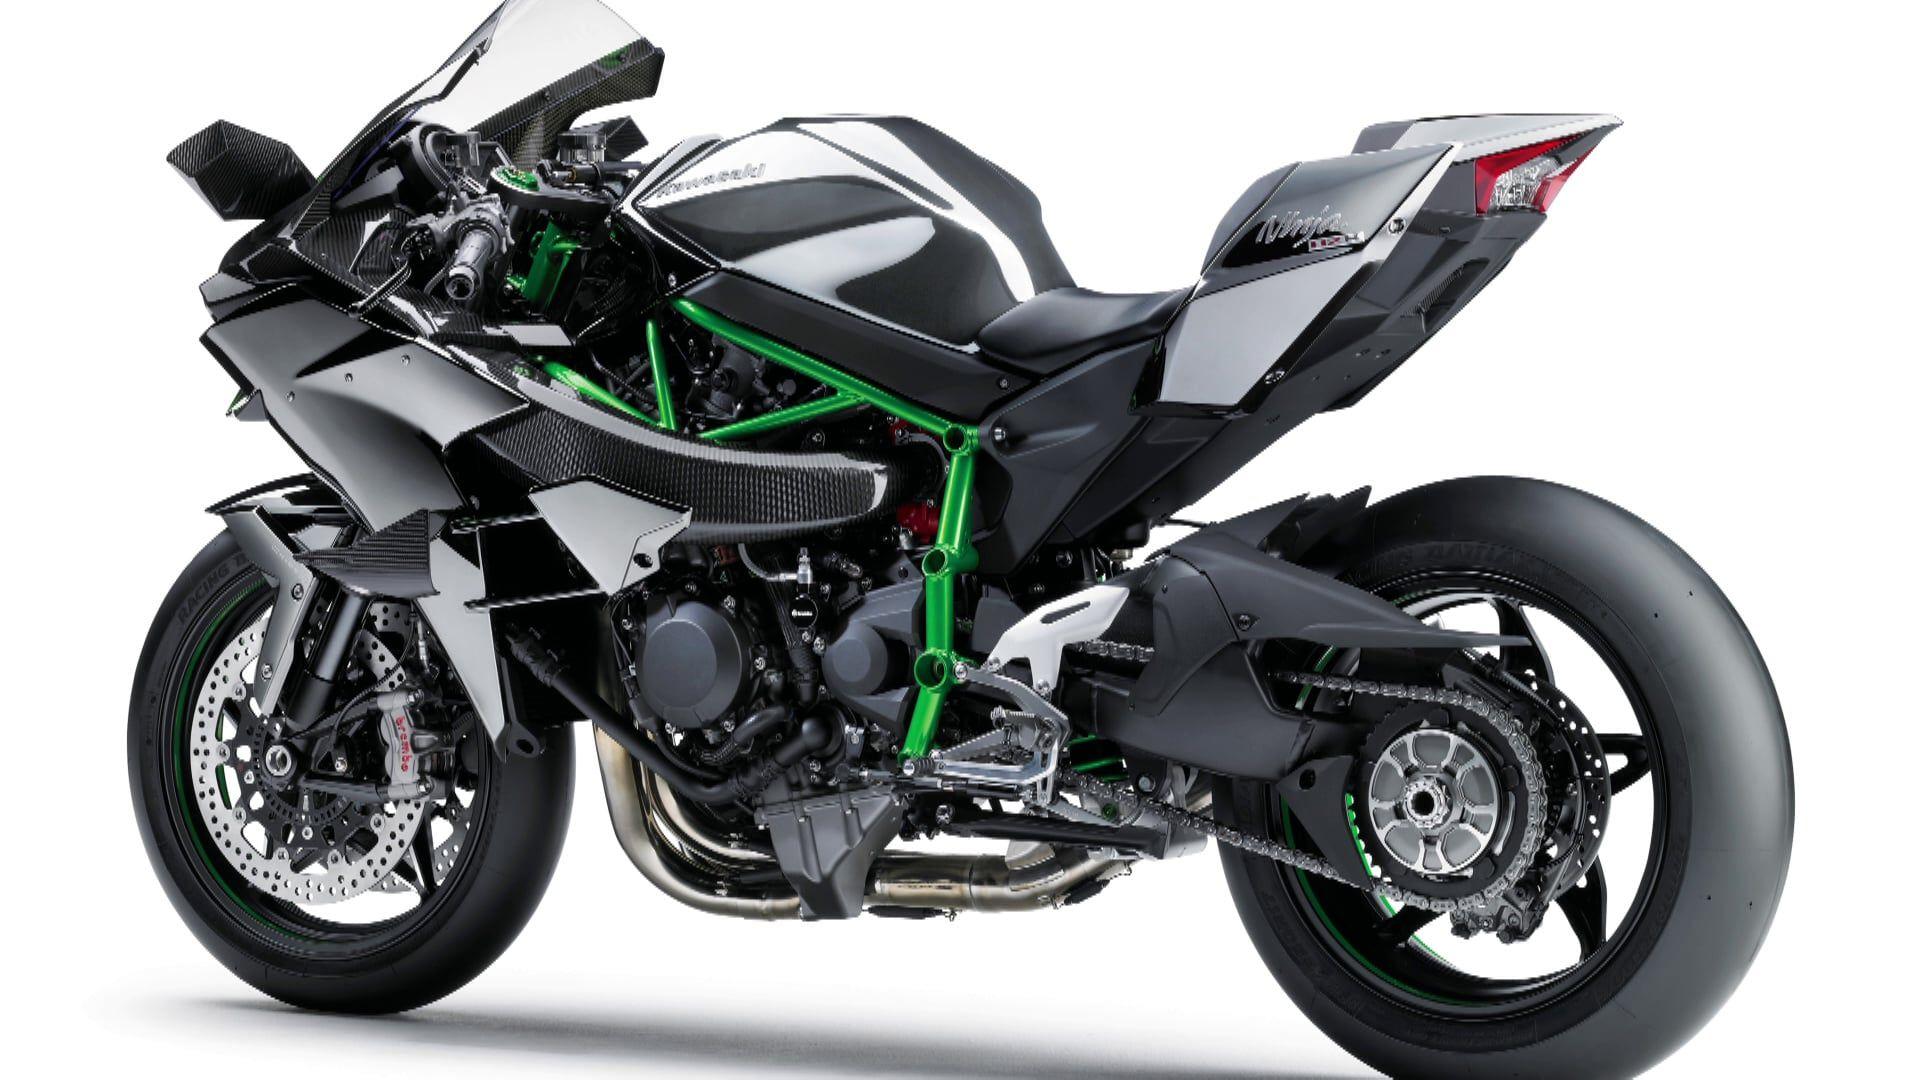 Kawasaki Ninja H2 H2r 2015 Presslaunch Kawasaki Motorcycles